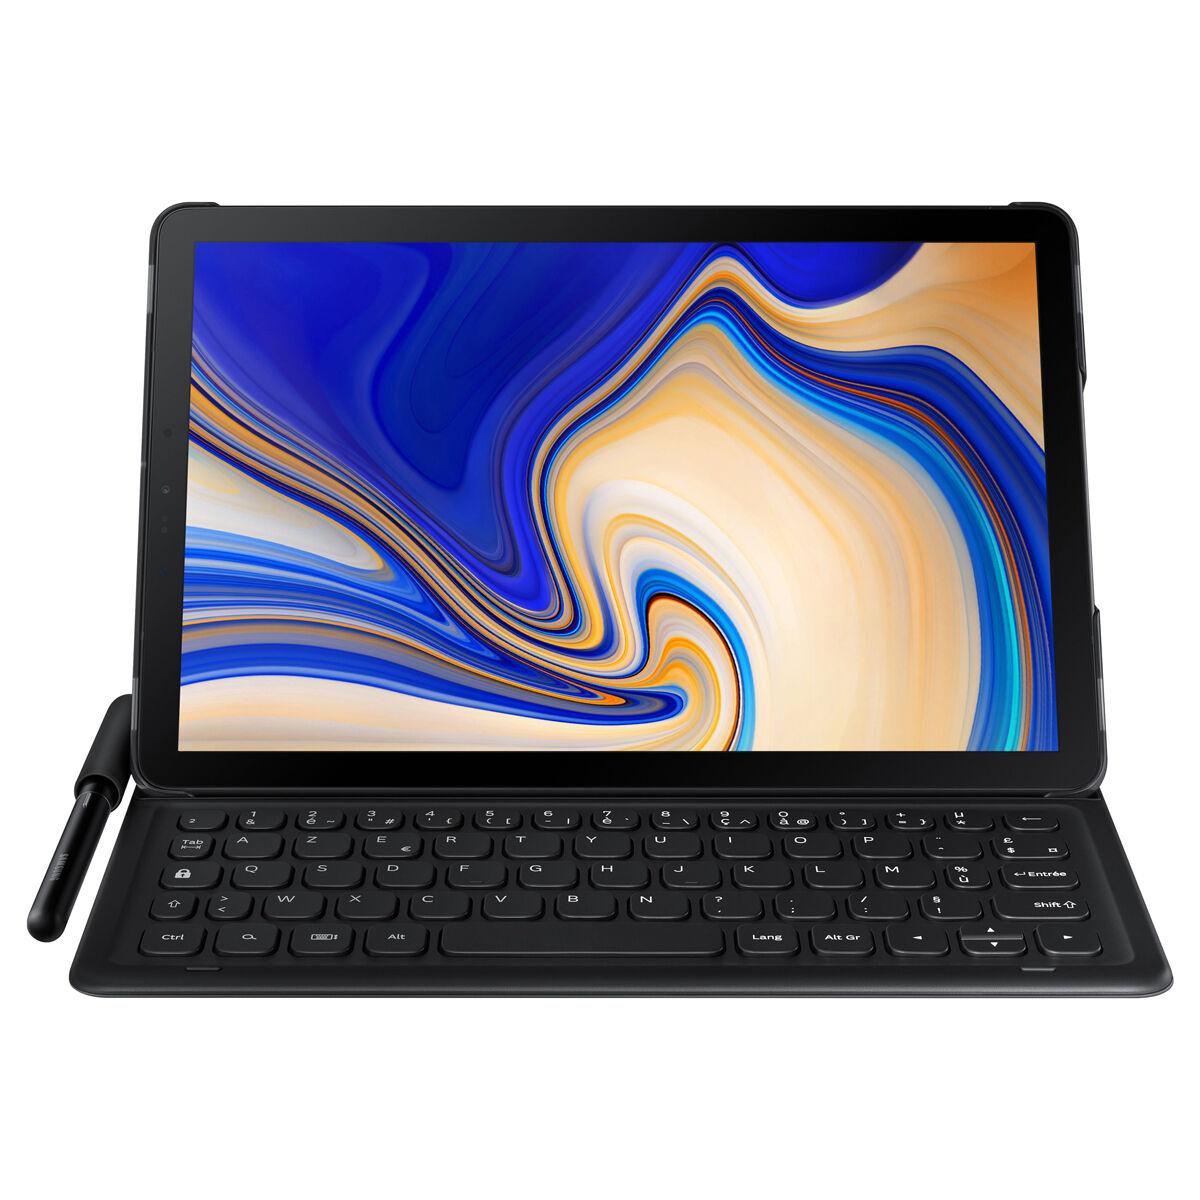 """[NBB-Newsletter] Samsung Galaxy Tab S4 T830 WiFi + Tastatur (10.5"""", AMOLED, 2560x1600, SD835, 4GB RAM, 64GB + microSD, USB-C, Android 9.0)"""